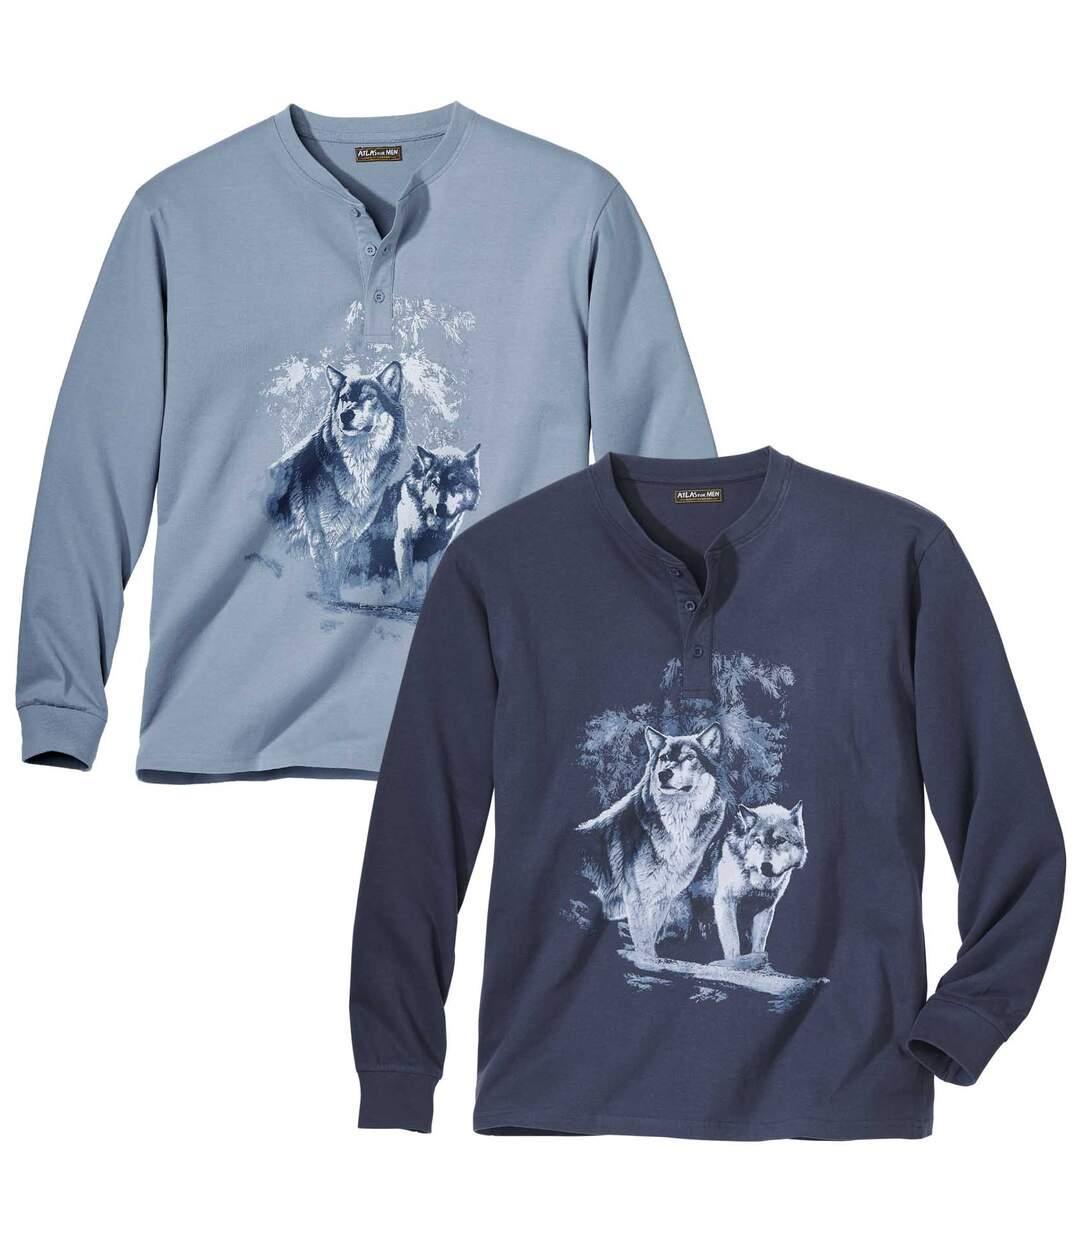 Két darabos tunéziai nyakú Loups póló szett